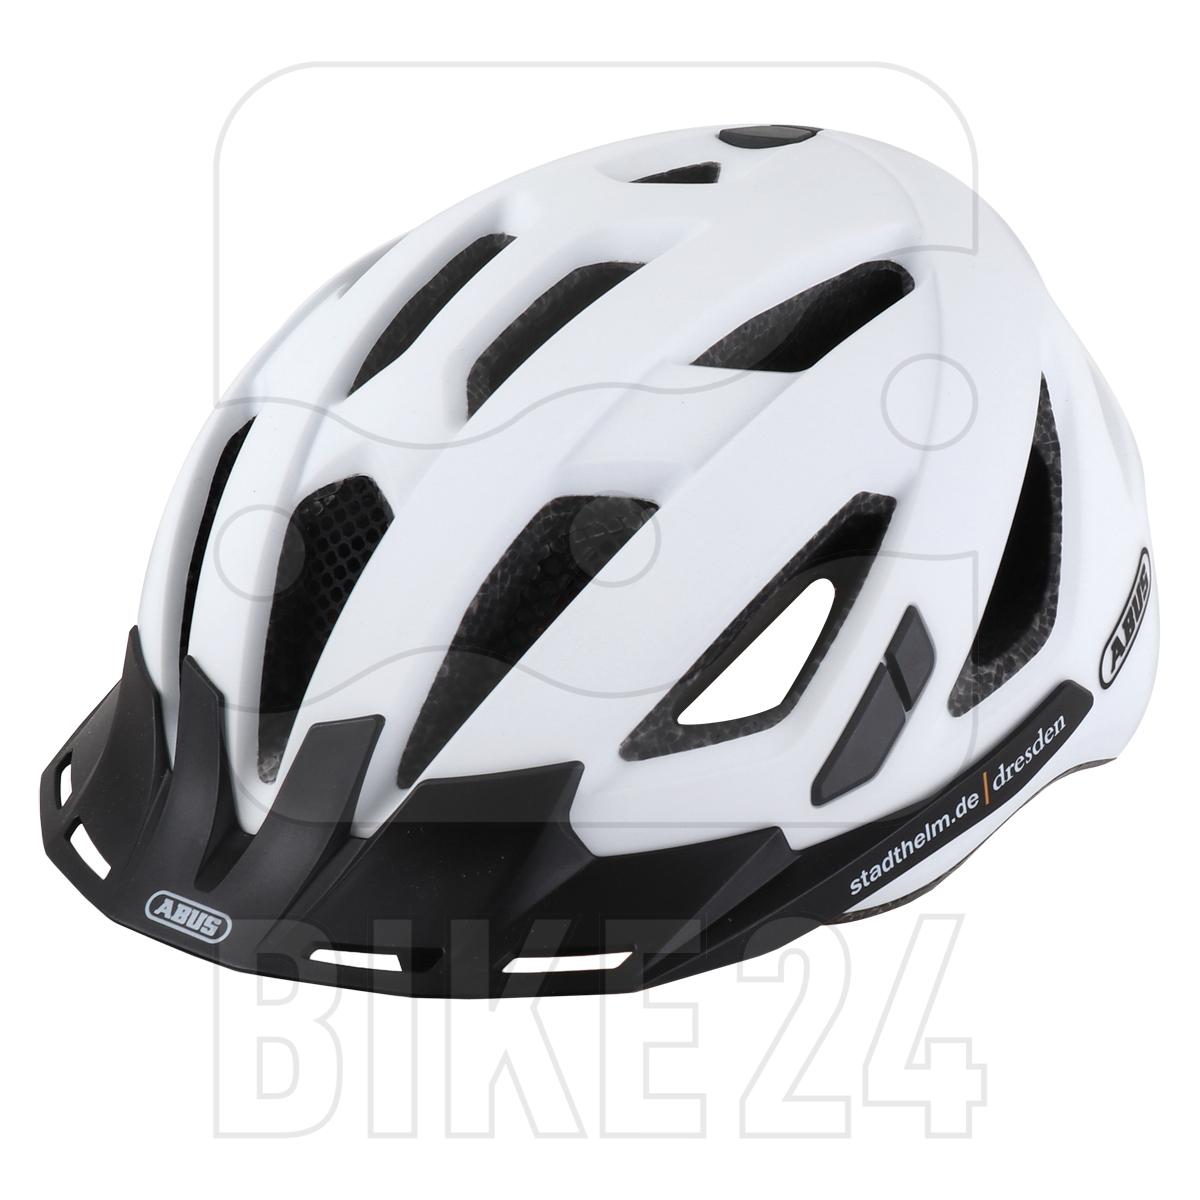 ABUS Stadthelm Urban-I 3.0 Dresden Helmet - white